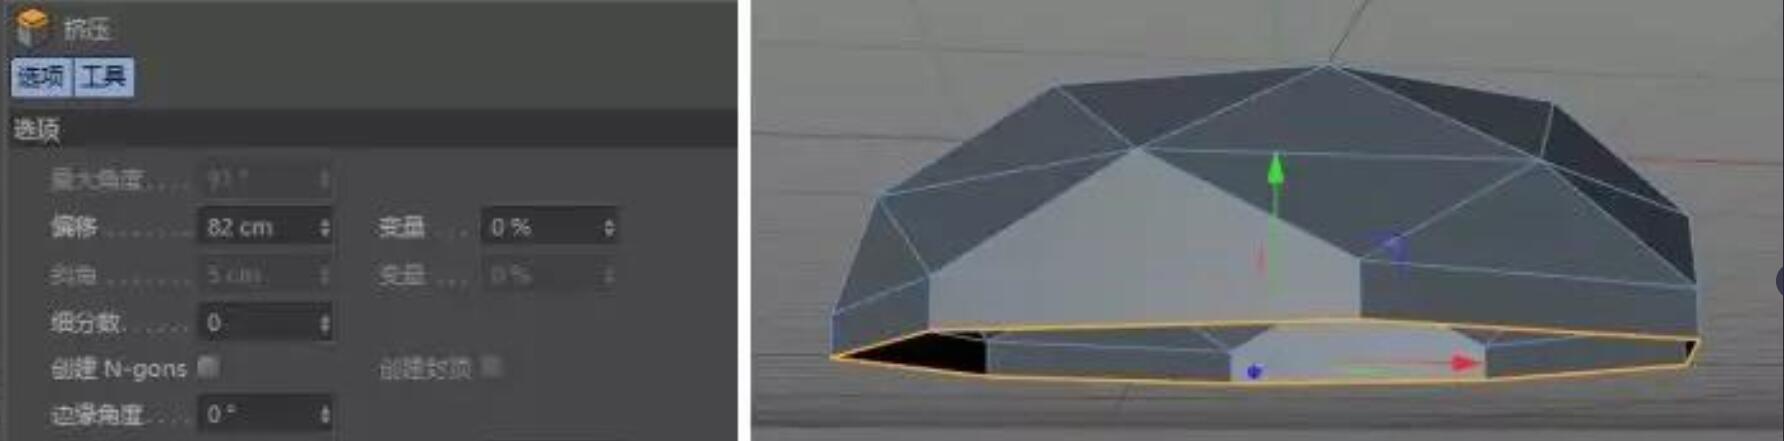 待改-C4D用材质和渲染焦散制作钻石建模(7)